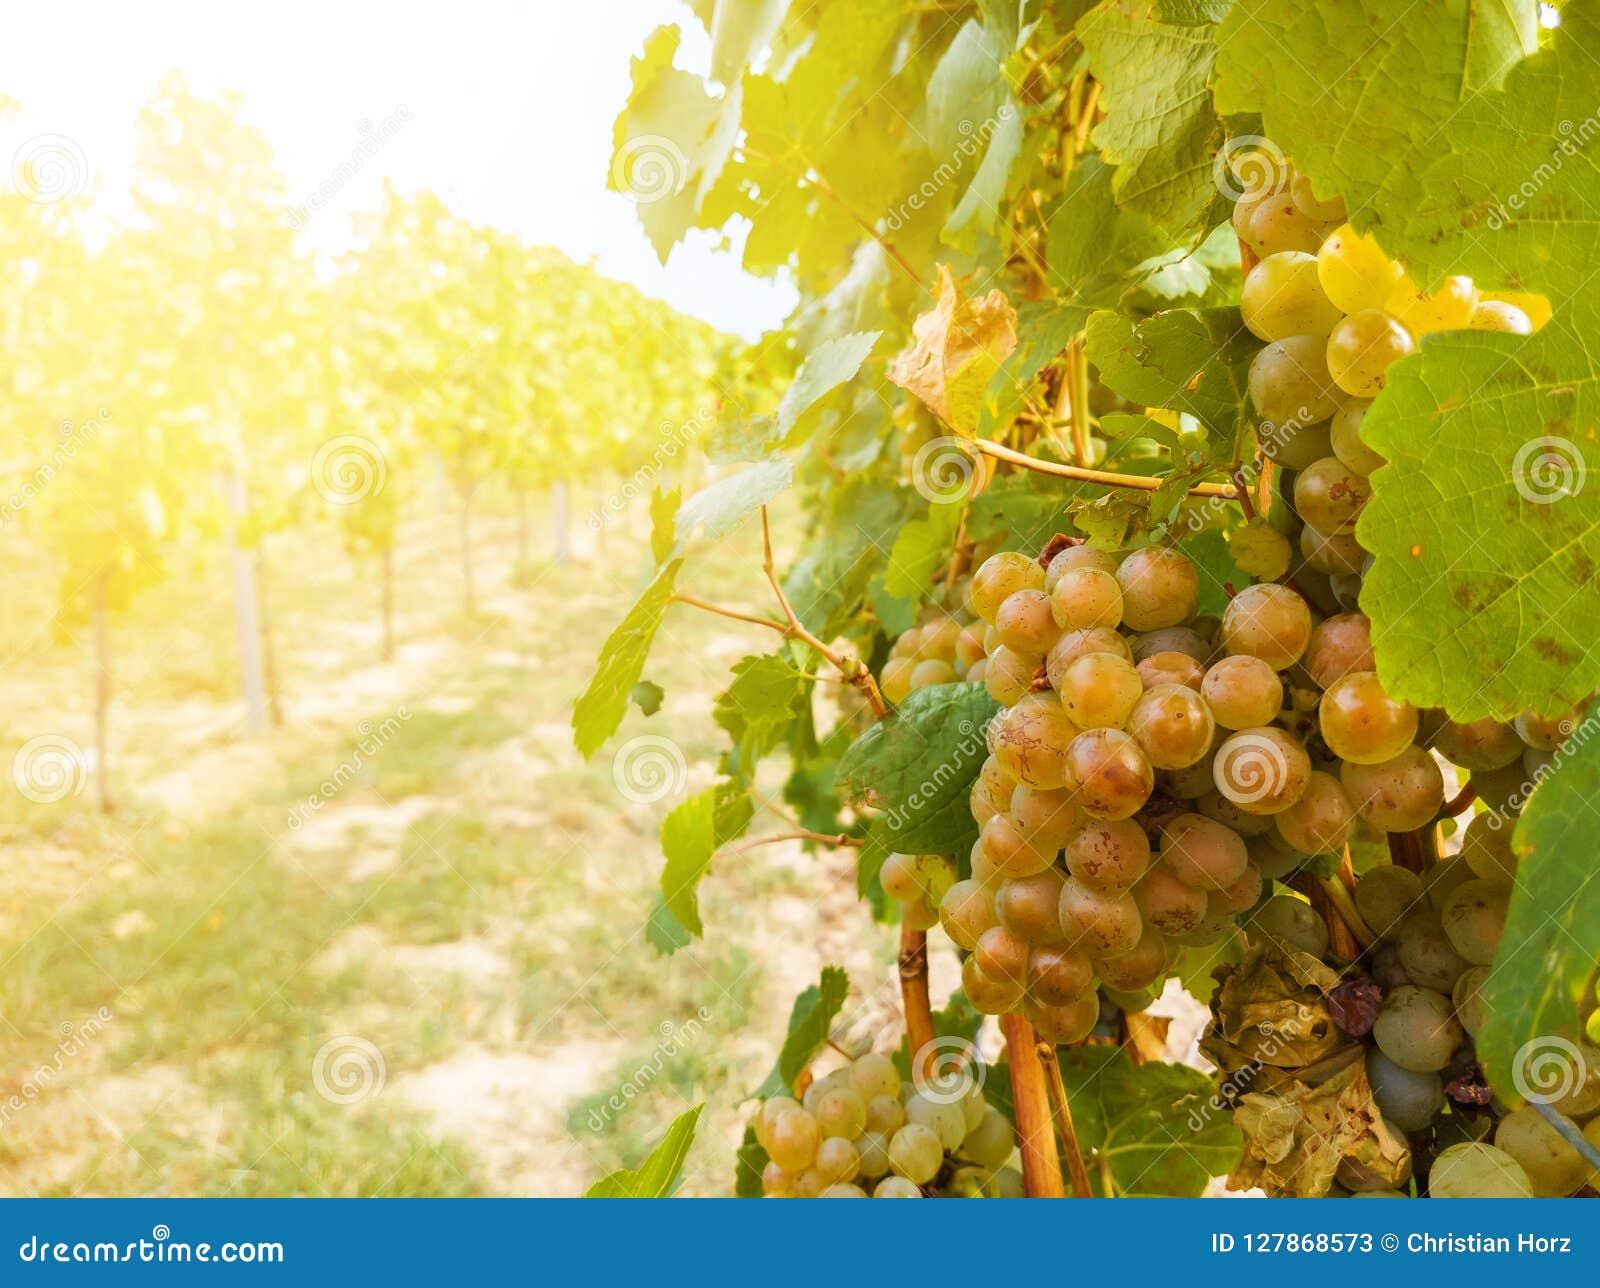 Завод виноградного вина и зрелая связка винограда в винограднике